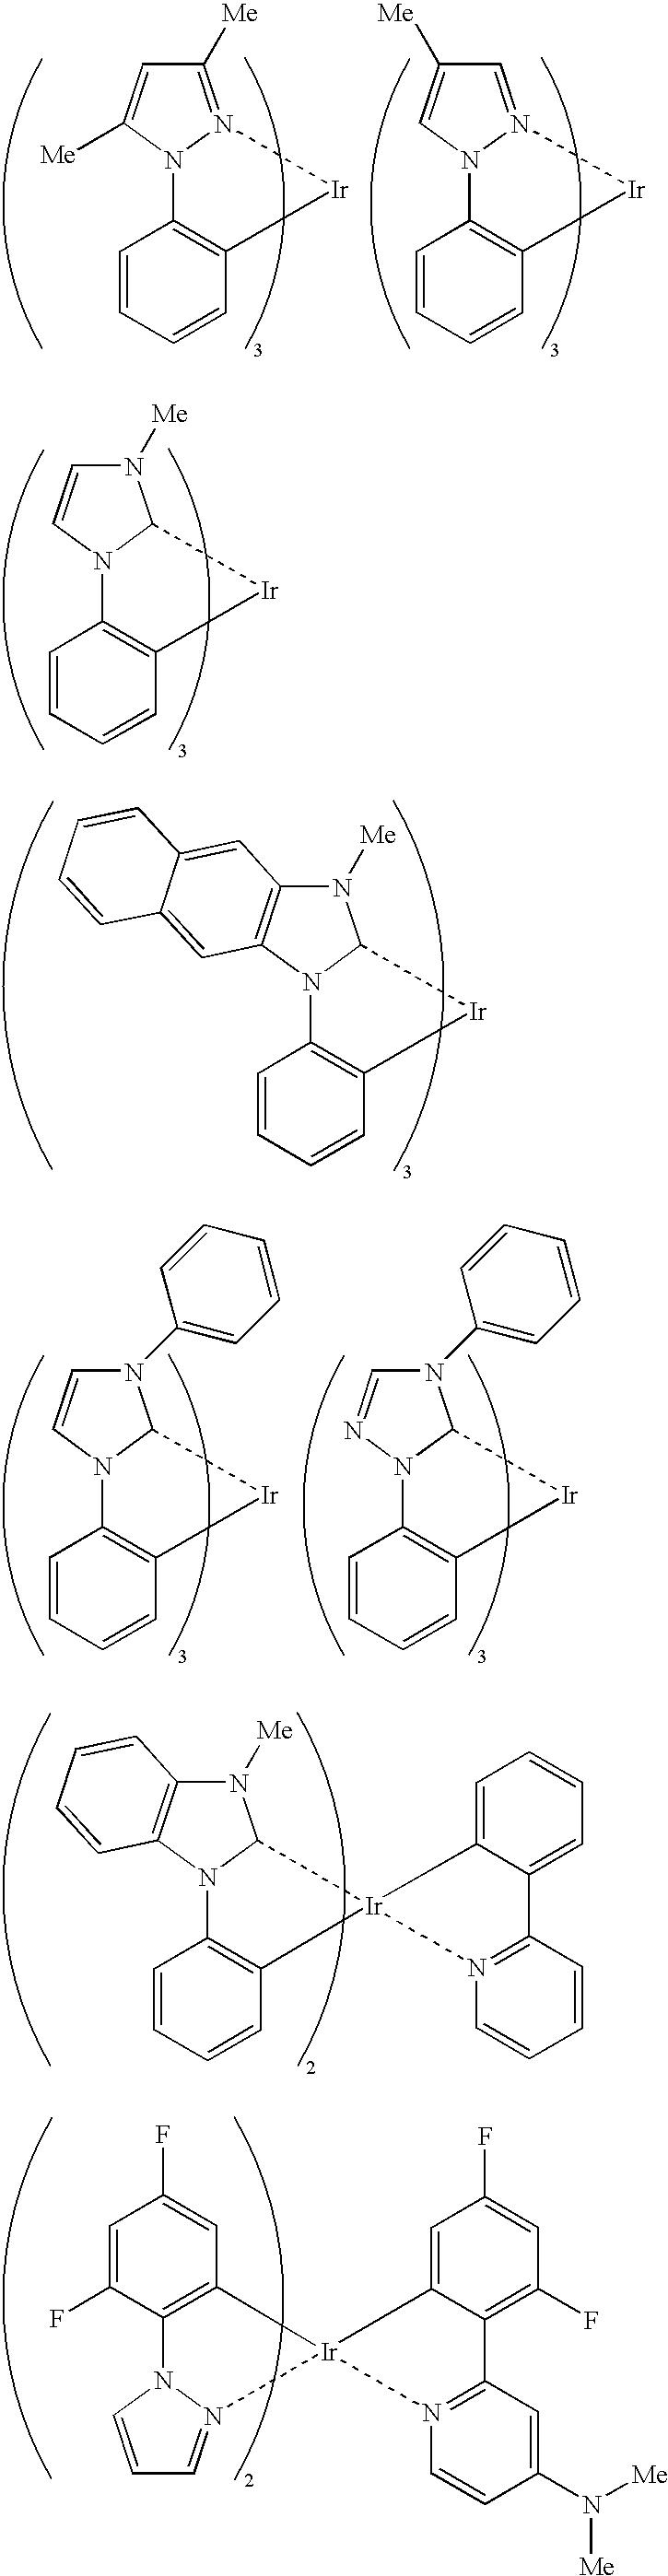 Figure US20070069638A1-20070329-C00004